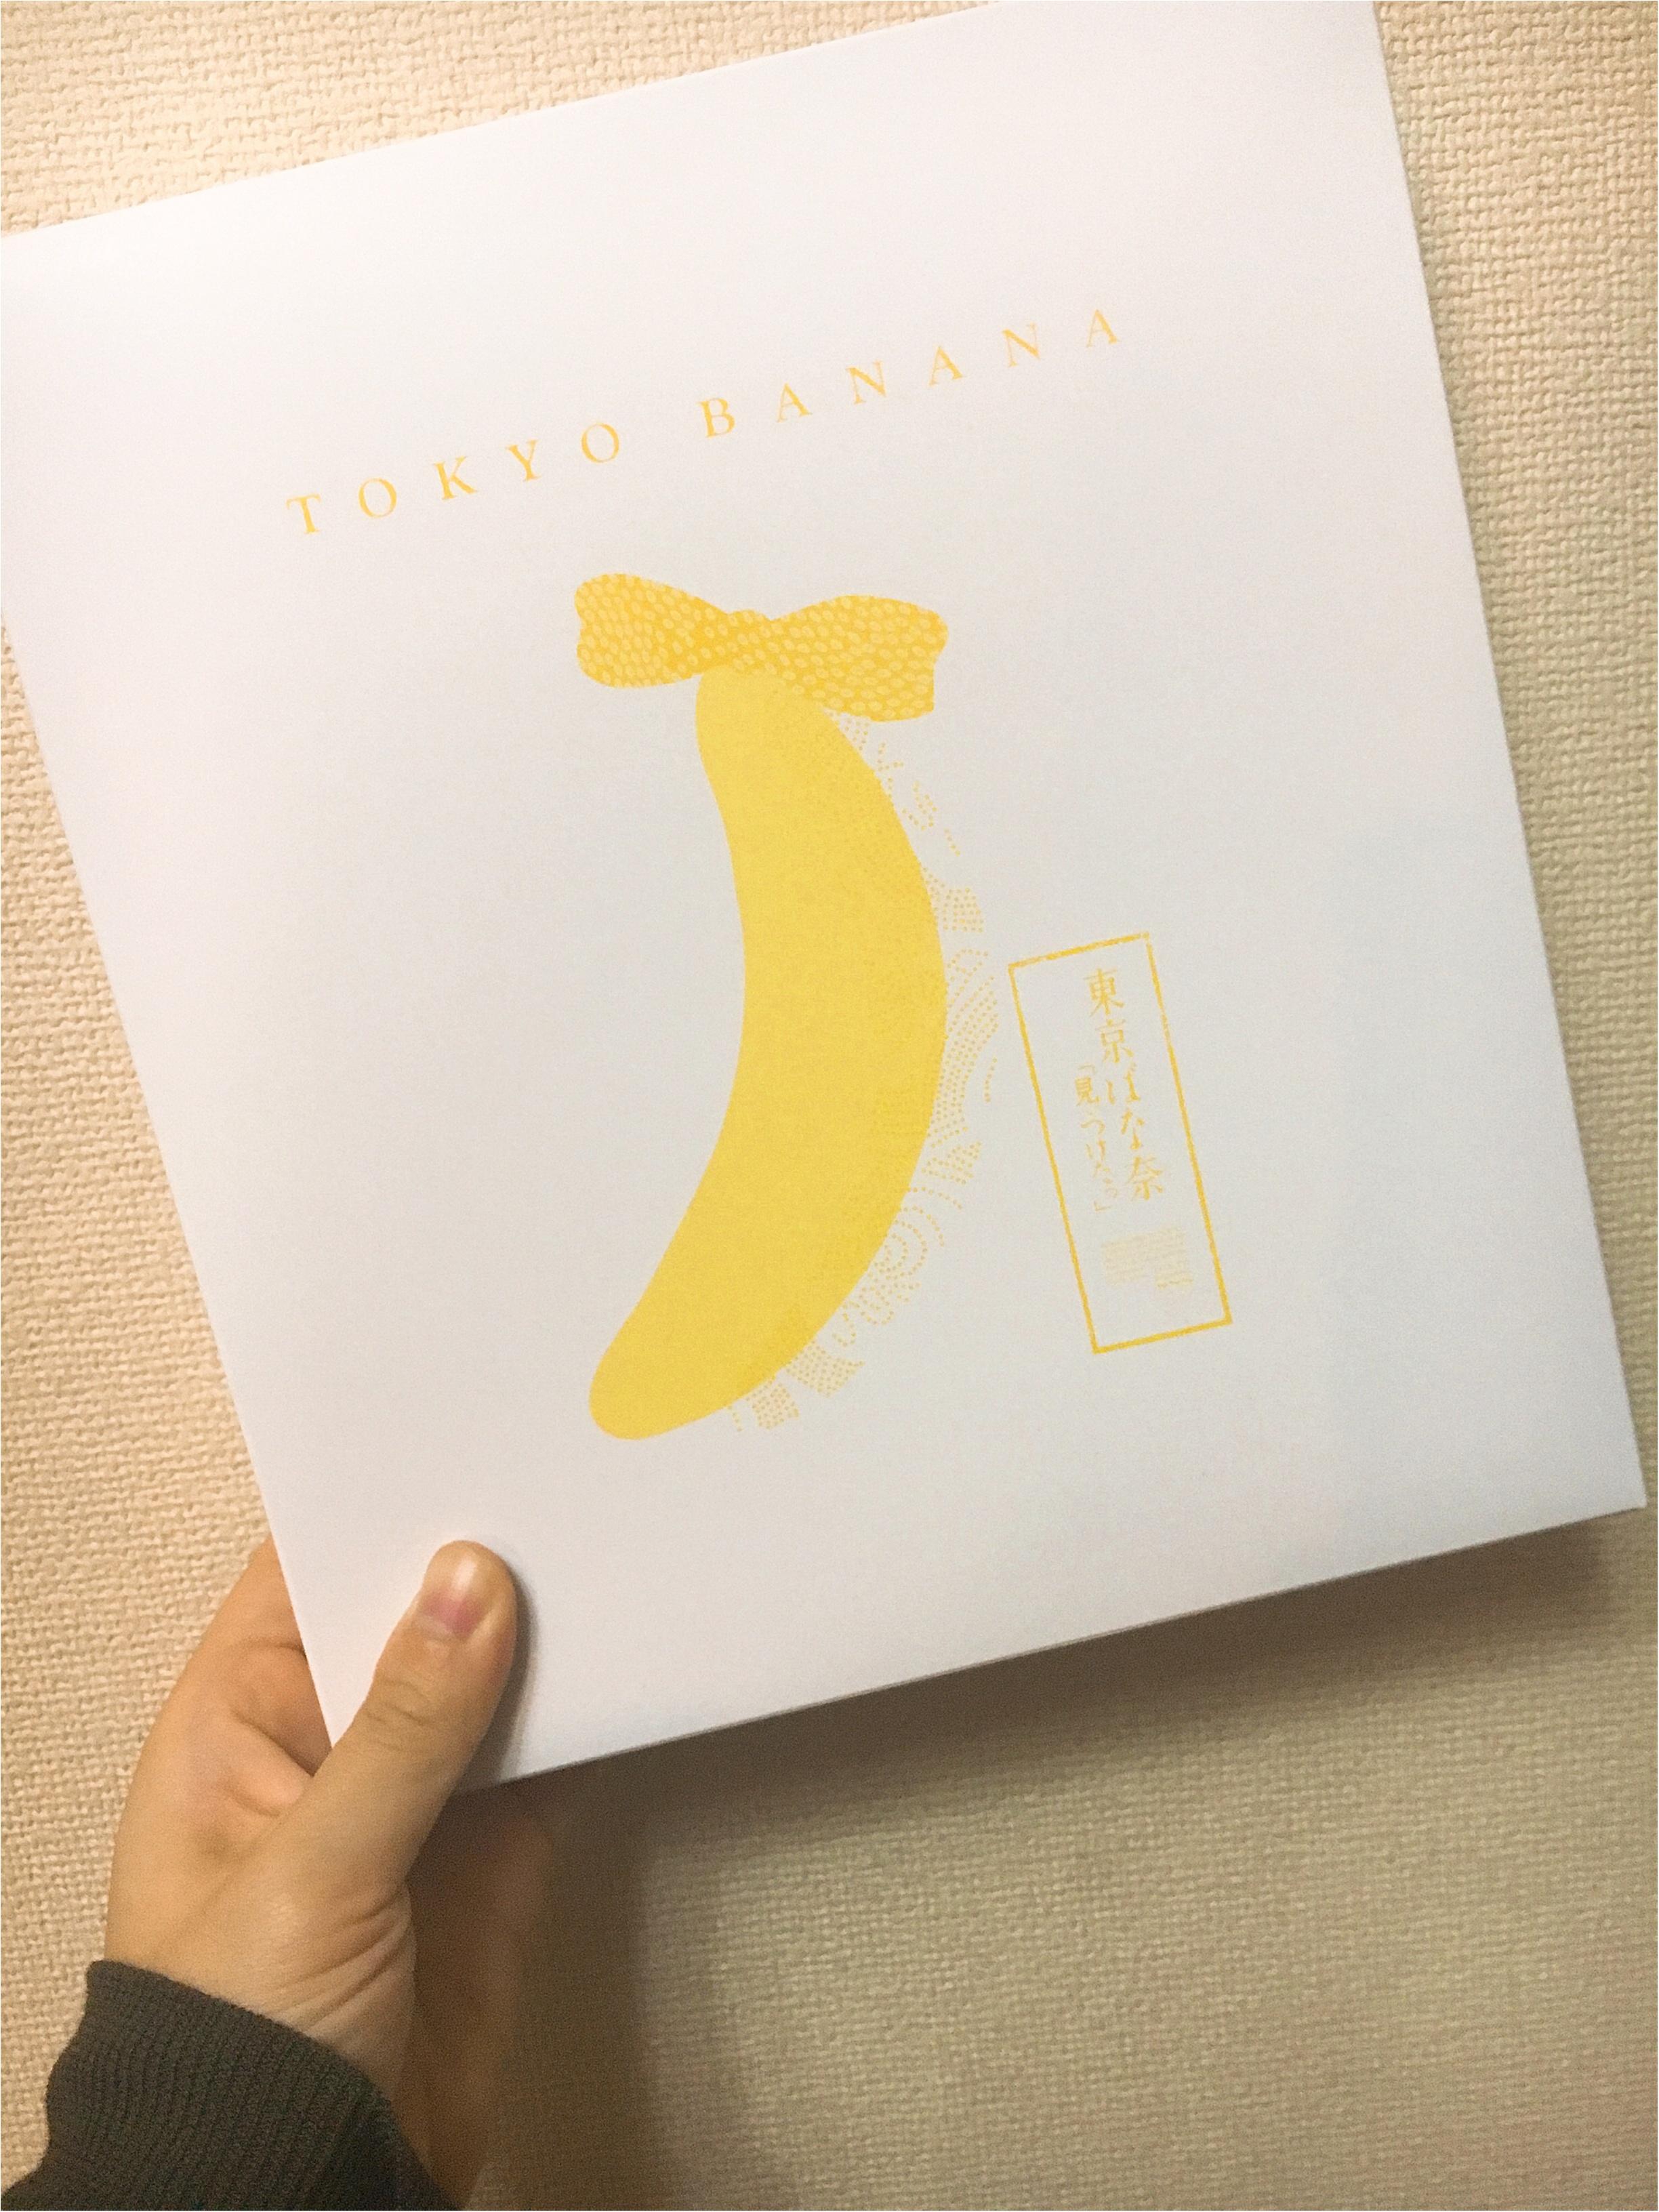 【ご当地モア♡東京】祝!シャンシャン生誕記念♡帰省の定番土産『東京ばなな』がパンダに?!お土産上手の褒められ上手でみんなの話題を独り占め♡♡_2